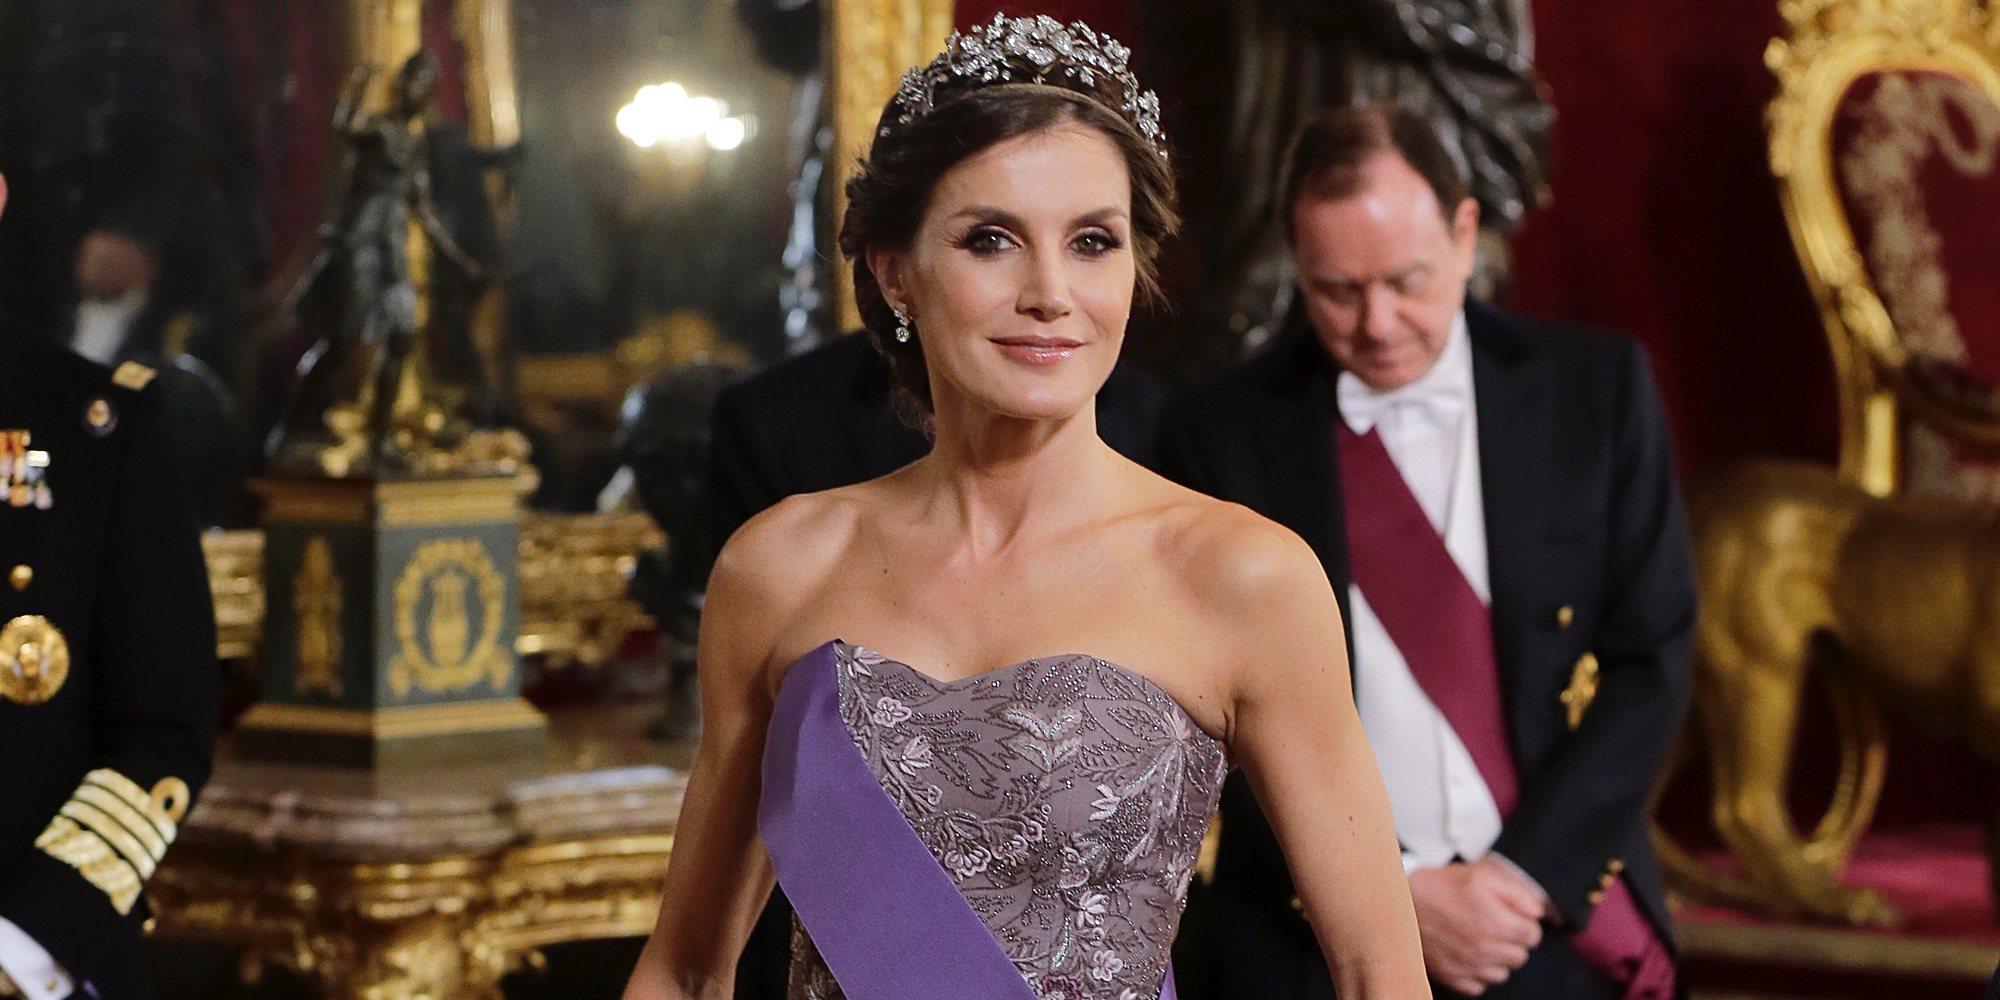 La Reina Letizia resplandece en el Palacio Real con la tiara floral y el vestido de la boda de los Duques de Cambridge